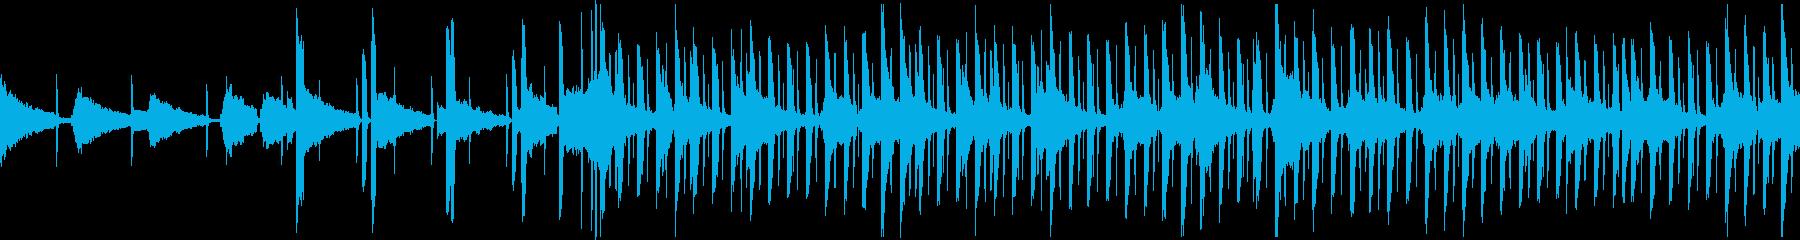 大人っぽいエレピとアコギのオシャレループの再生済みの波形